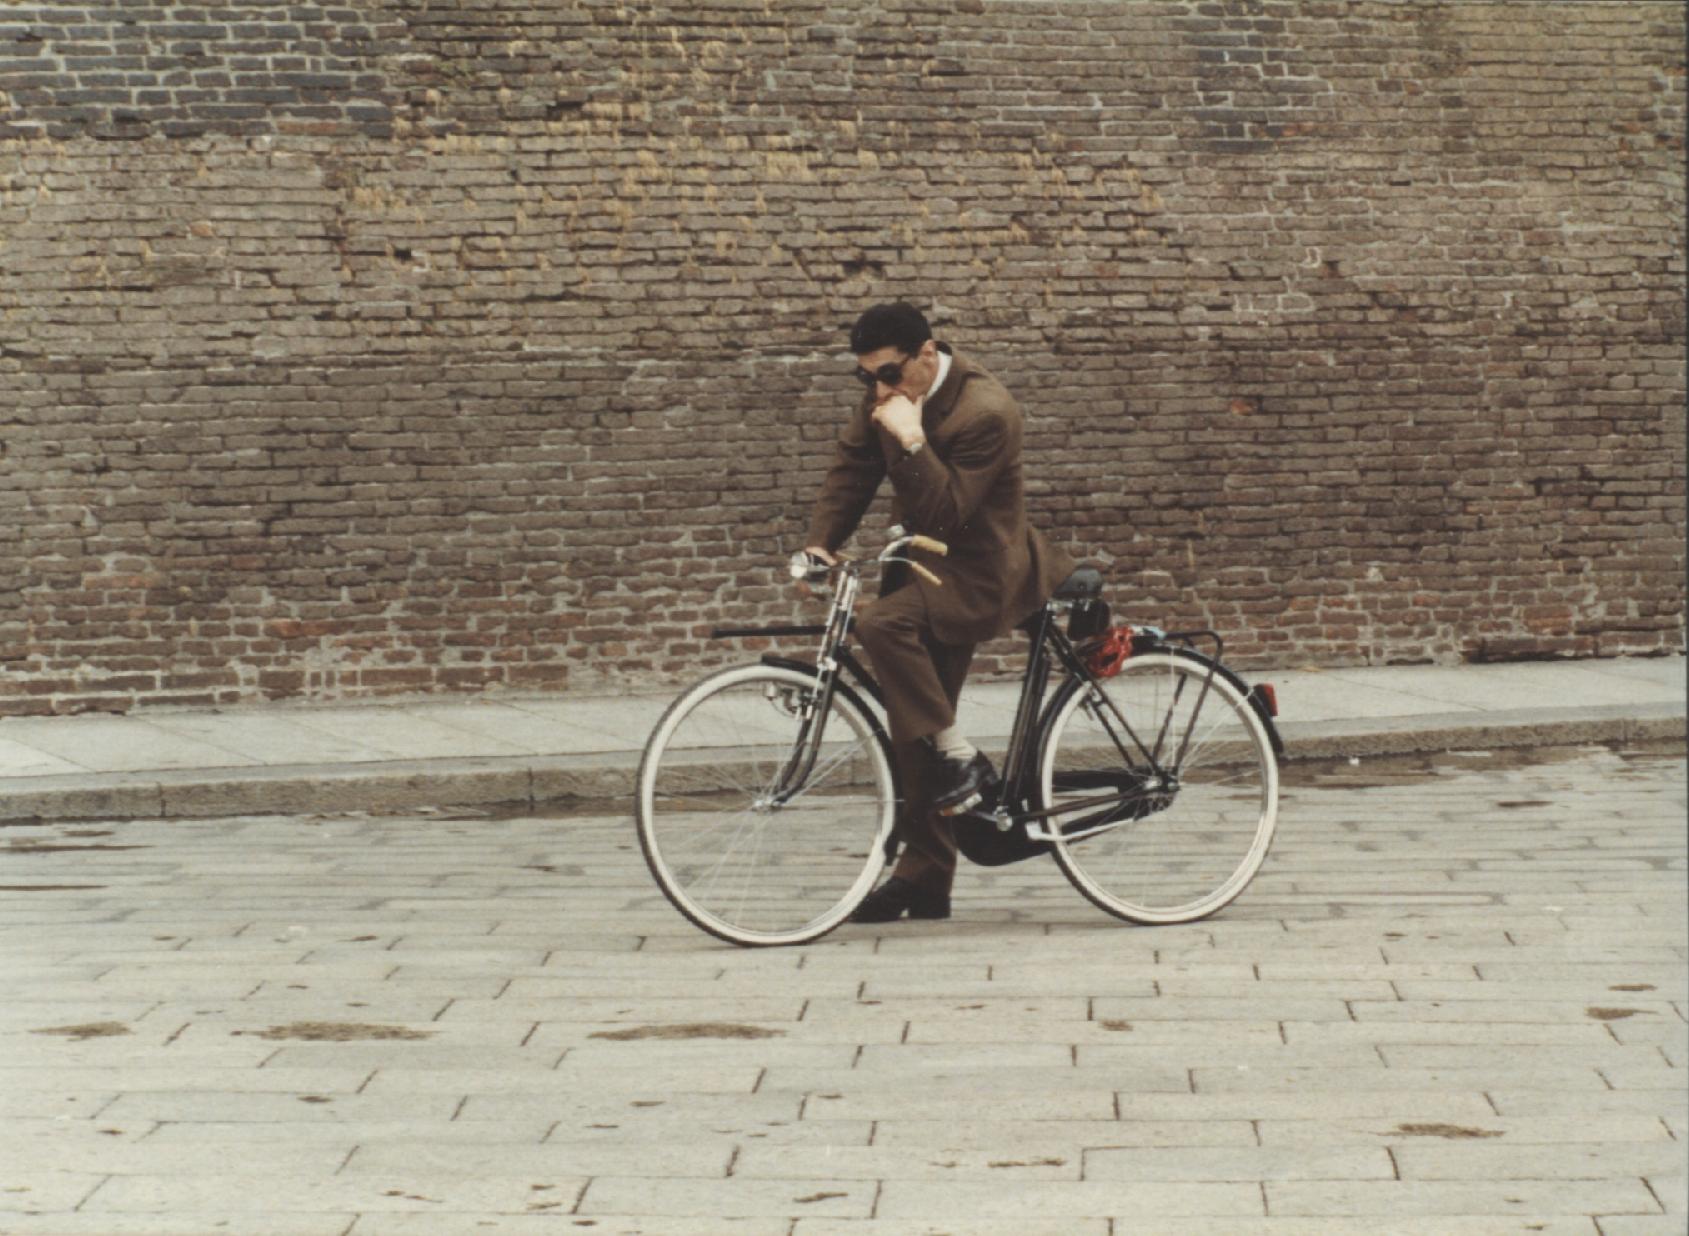 archivista_011-flavio-bucci-in-attesa-del-ciak-piazza-maggiore